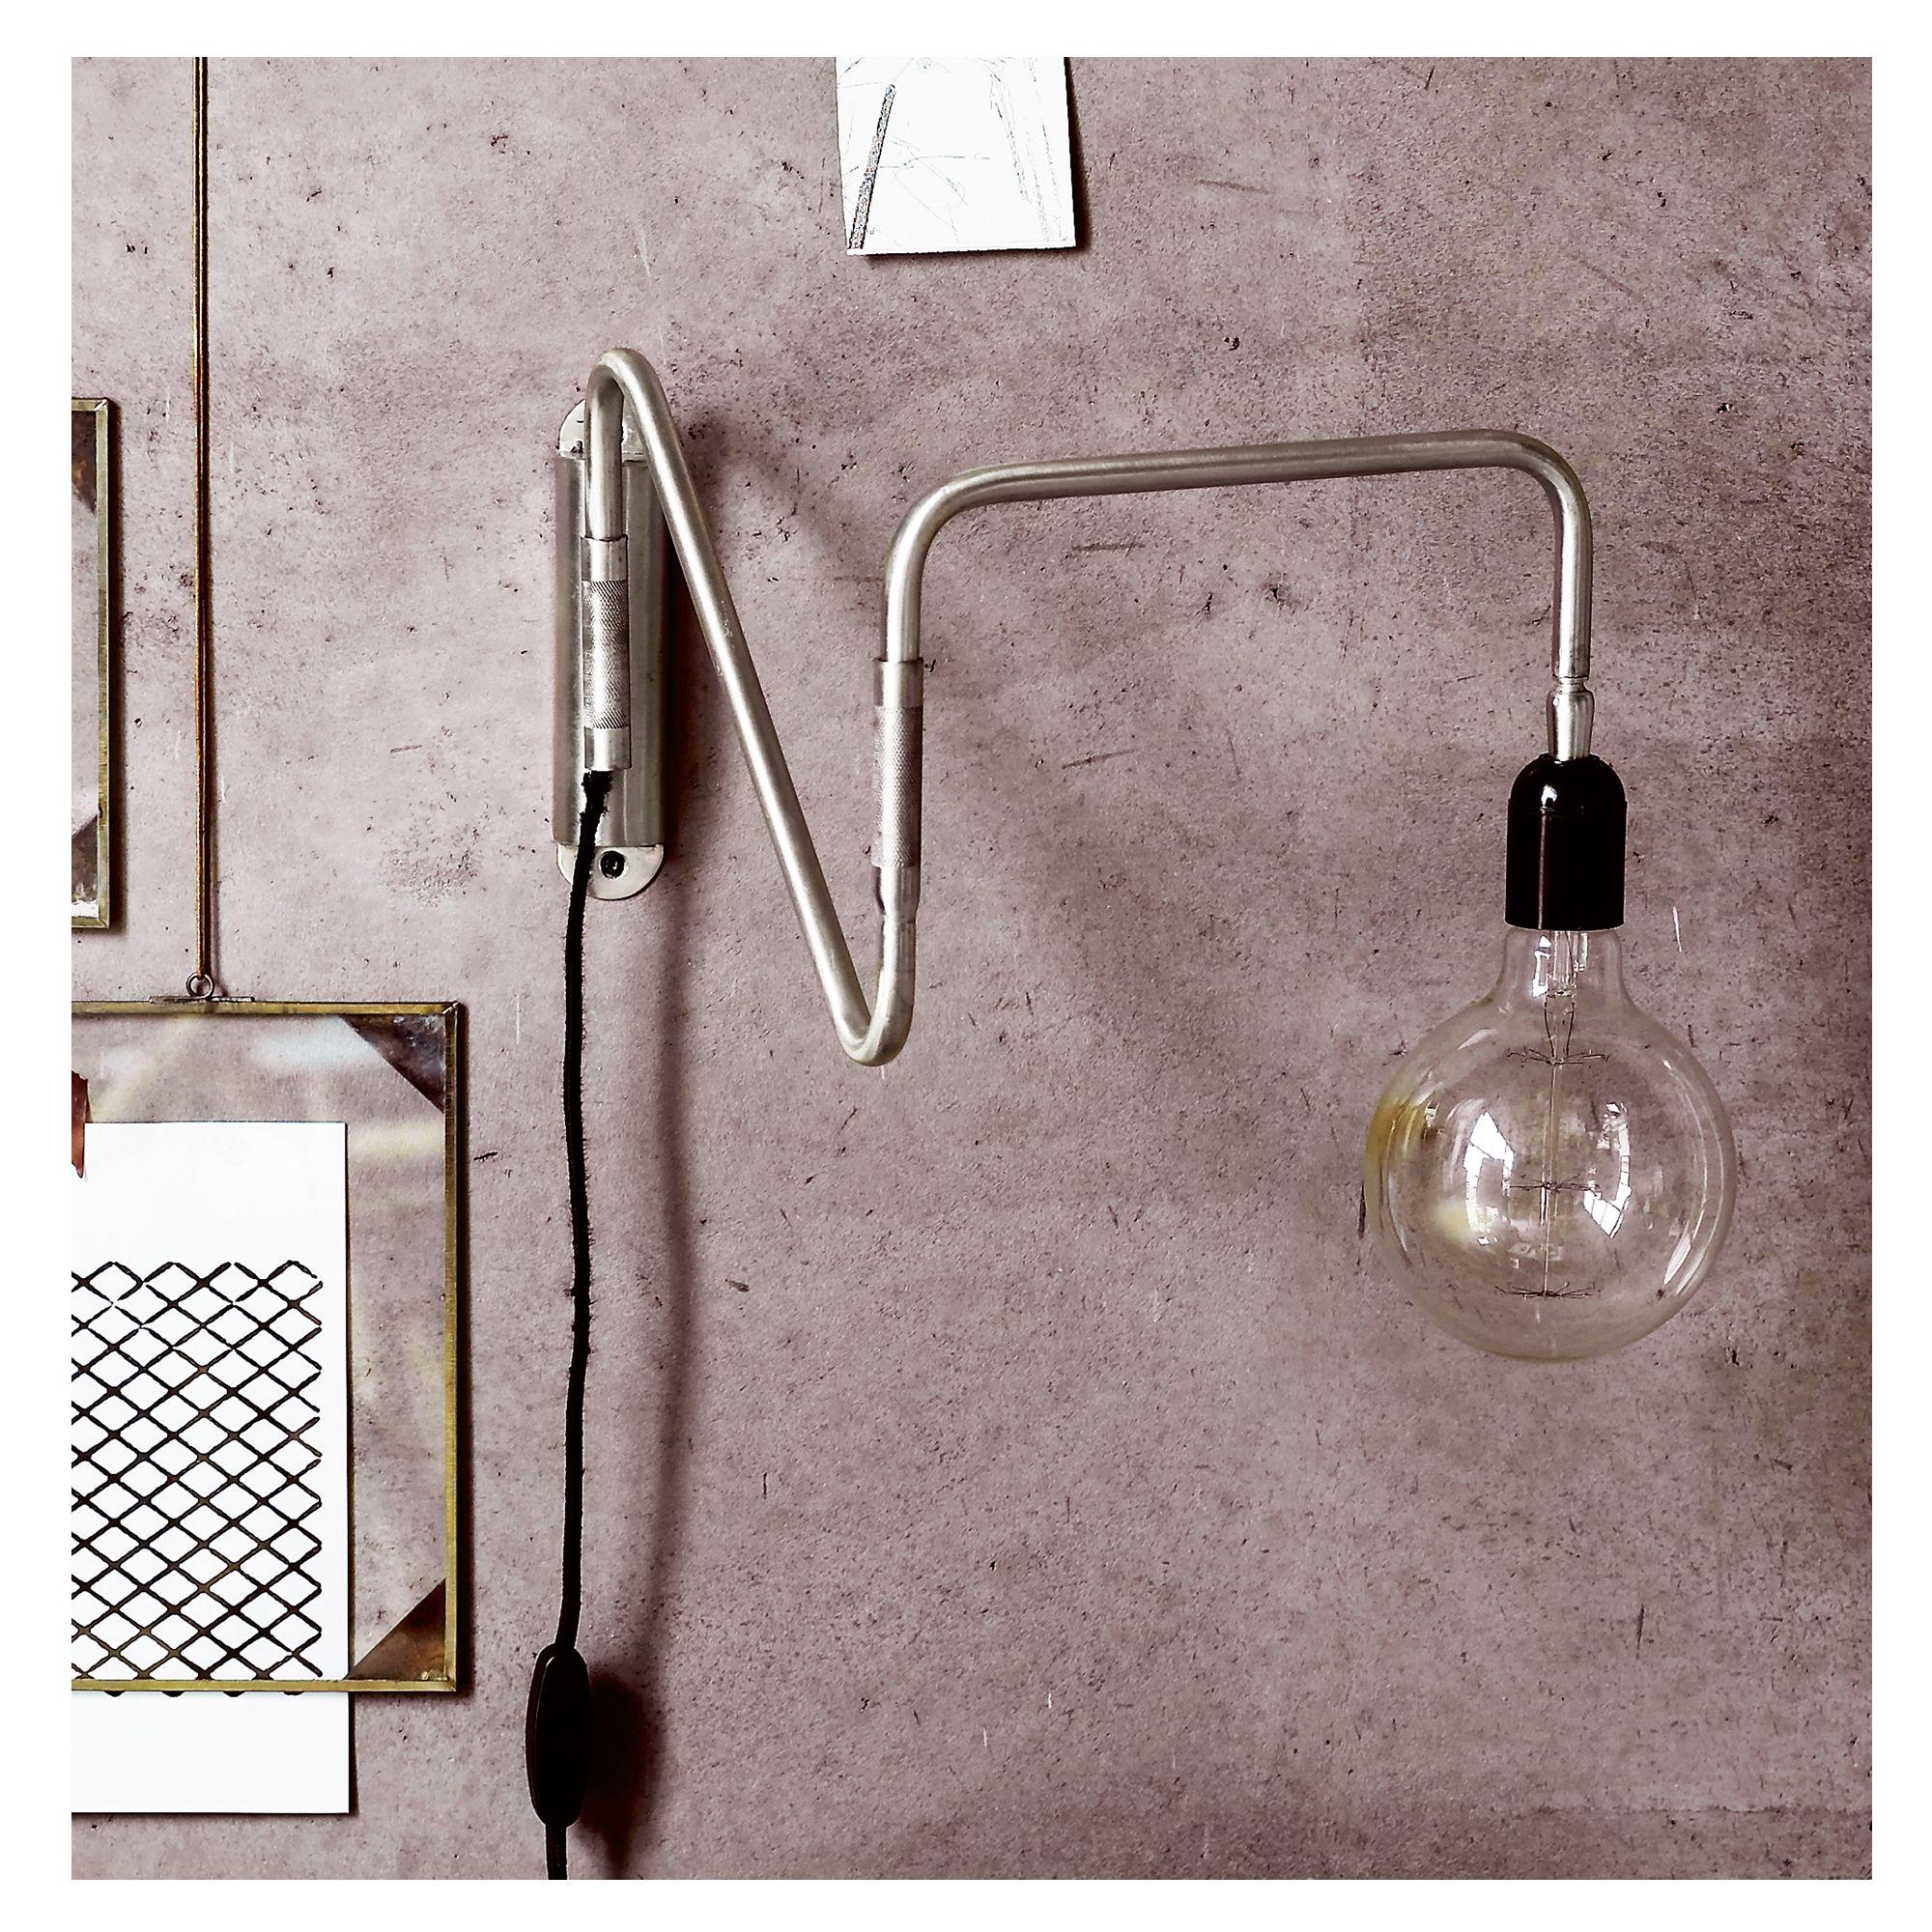 Onlineshop Für Möbel, Sitzgelegenheiten, Lampen Sowie Dekorativen  Accessoires Und Textilien Für Bad, Küche, Schlaf  Und Wohnzimmer.